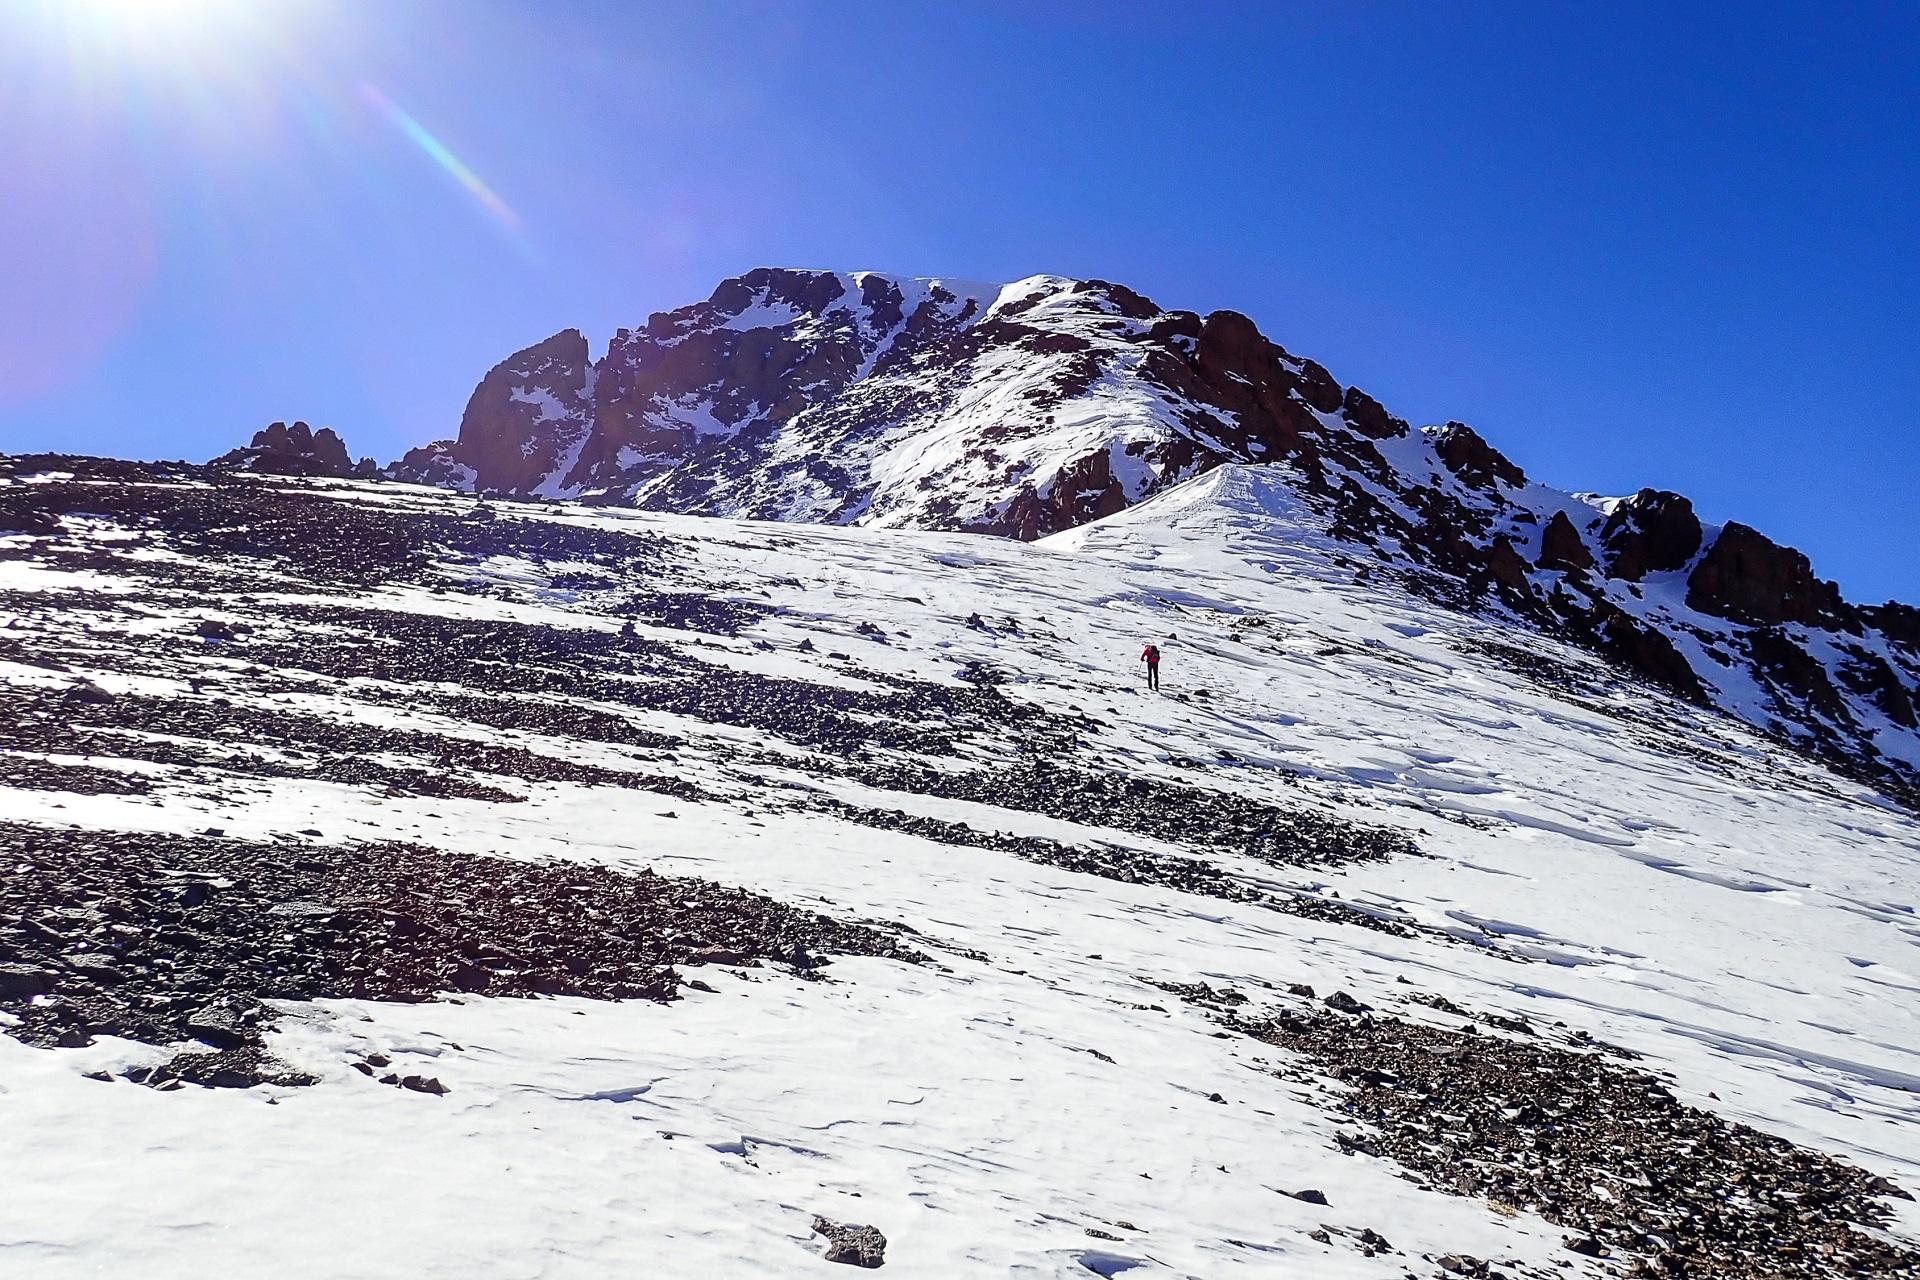 Szeroka, północna przełęcz i widok na grań Toubkala, którą będziemy zdobywać szczyt